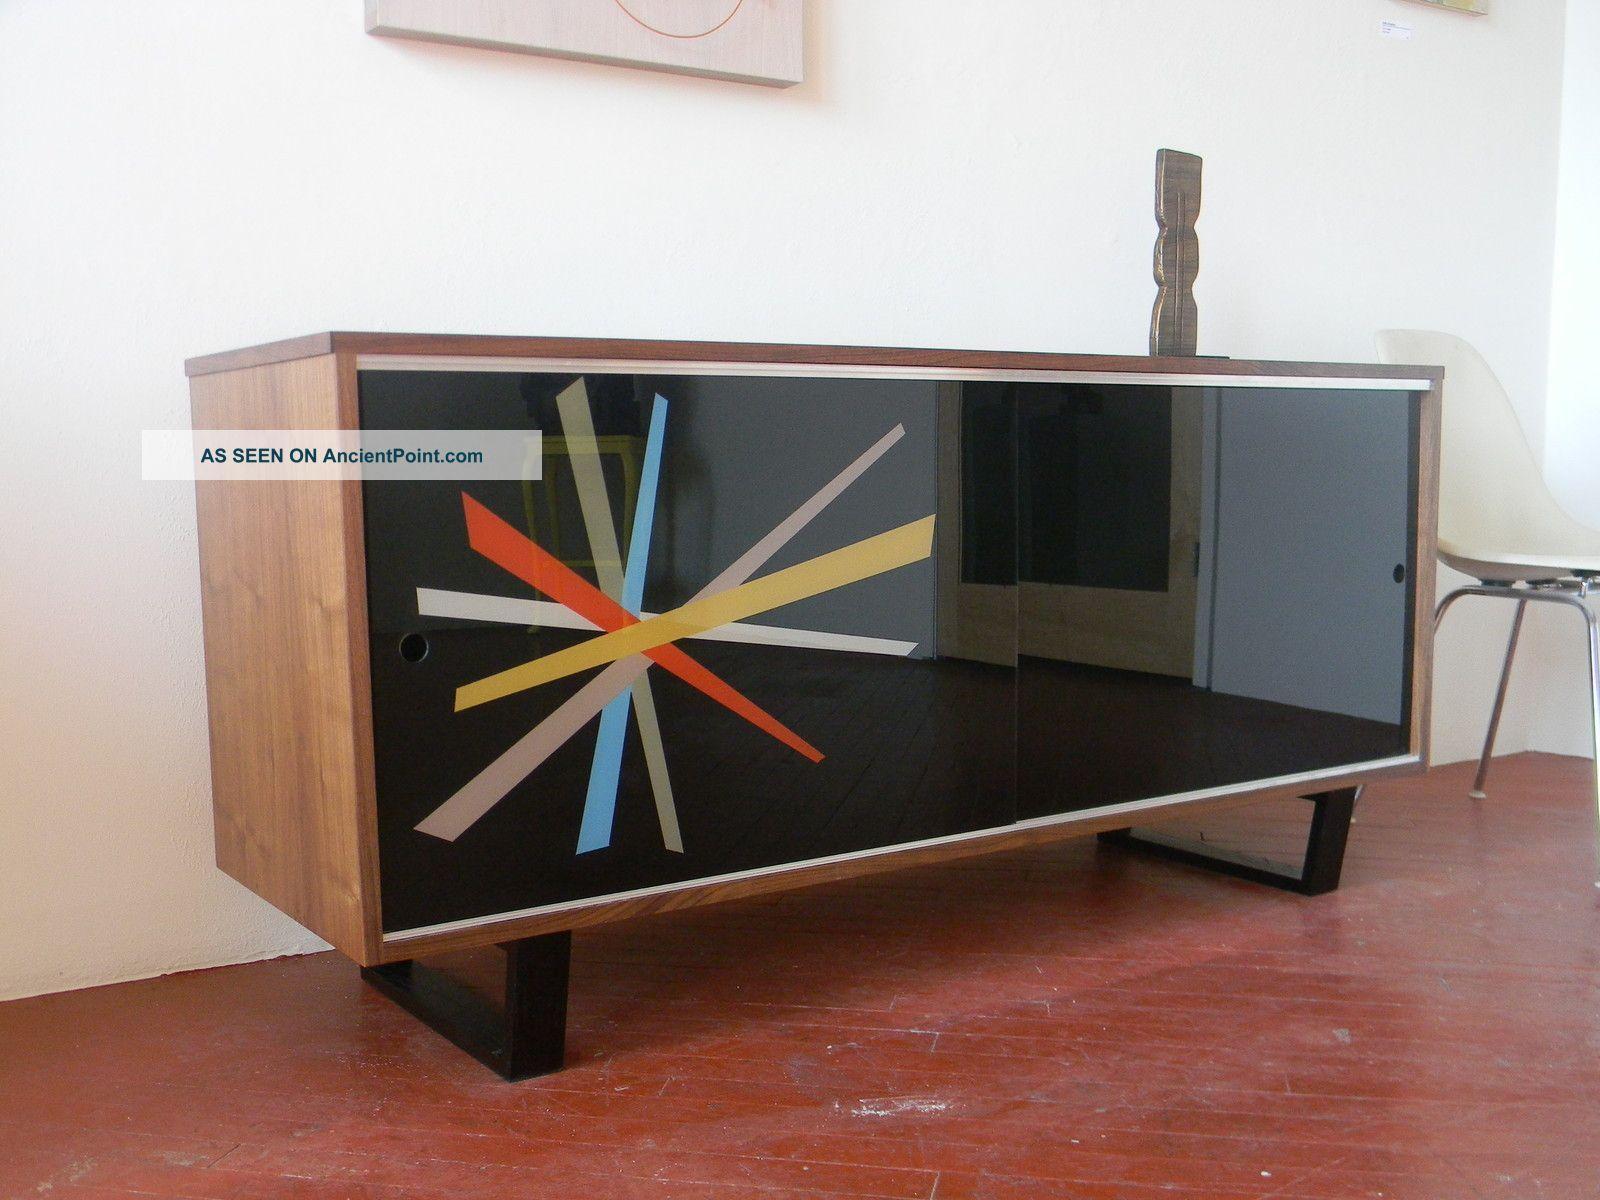 luxury mid century modern credenza storage unit design with  - luxury mid century modern credenza storage unit design with